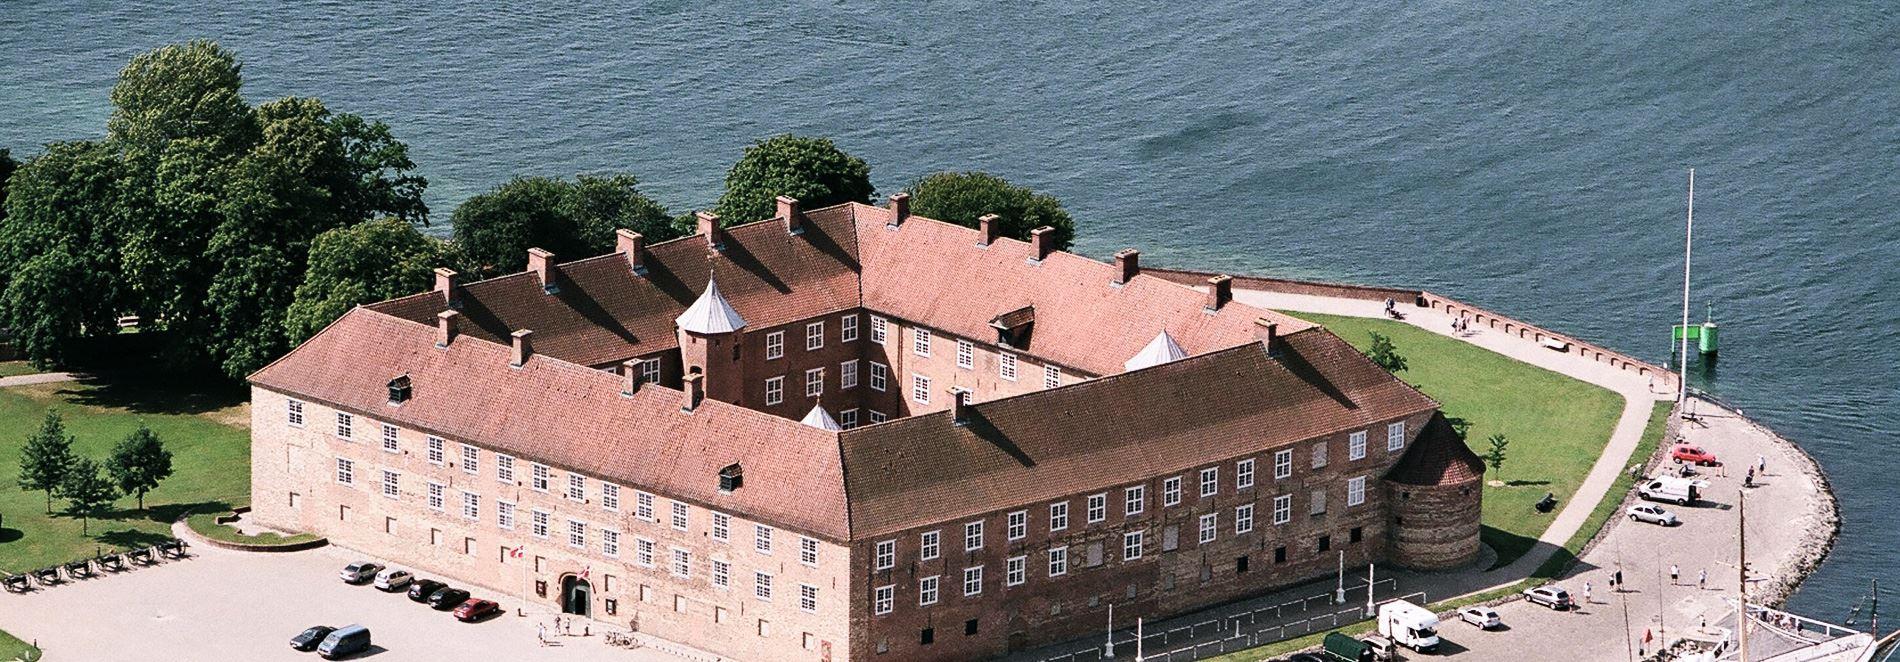 Kombiticket Sterneattraktione Sønderborg